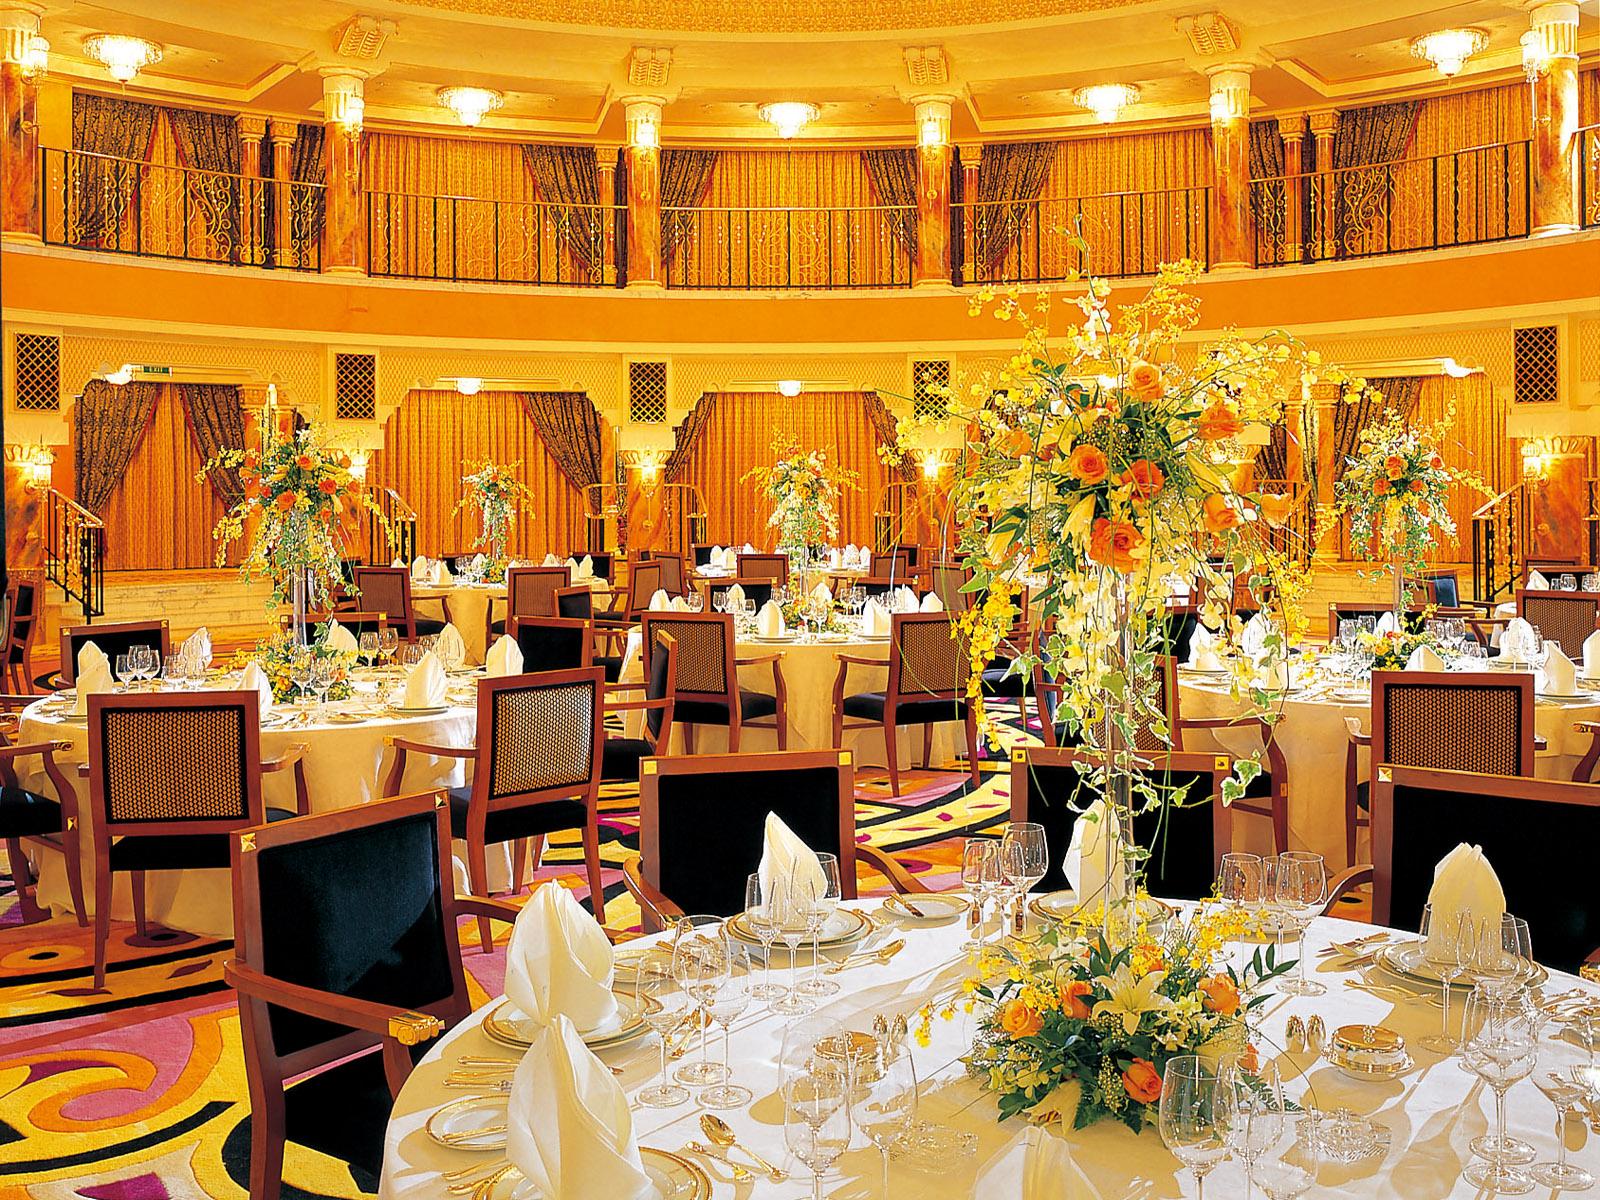 yellow-scheme-hotel-interior yellow scheme hotel interior